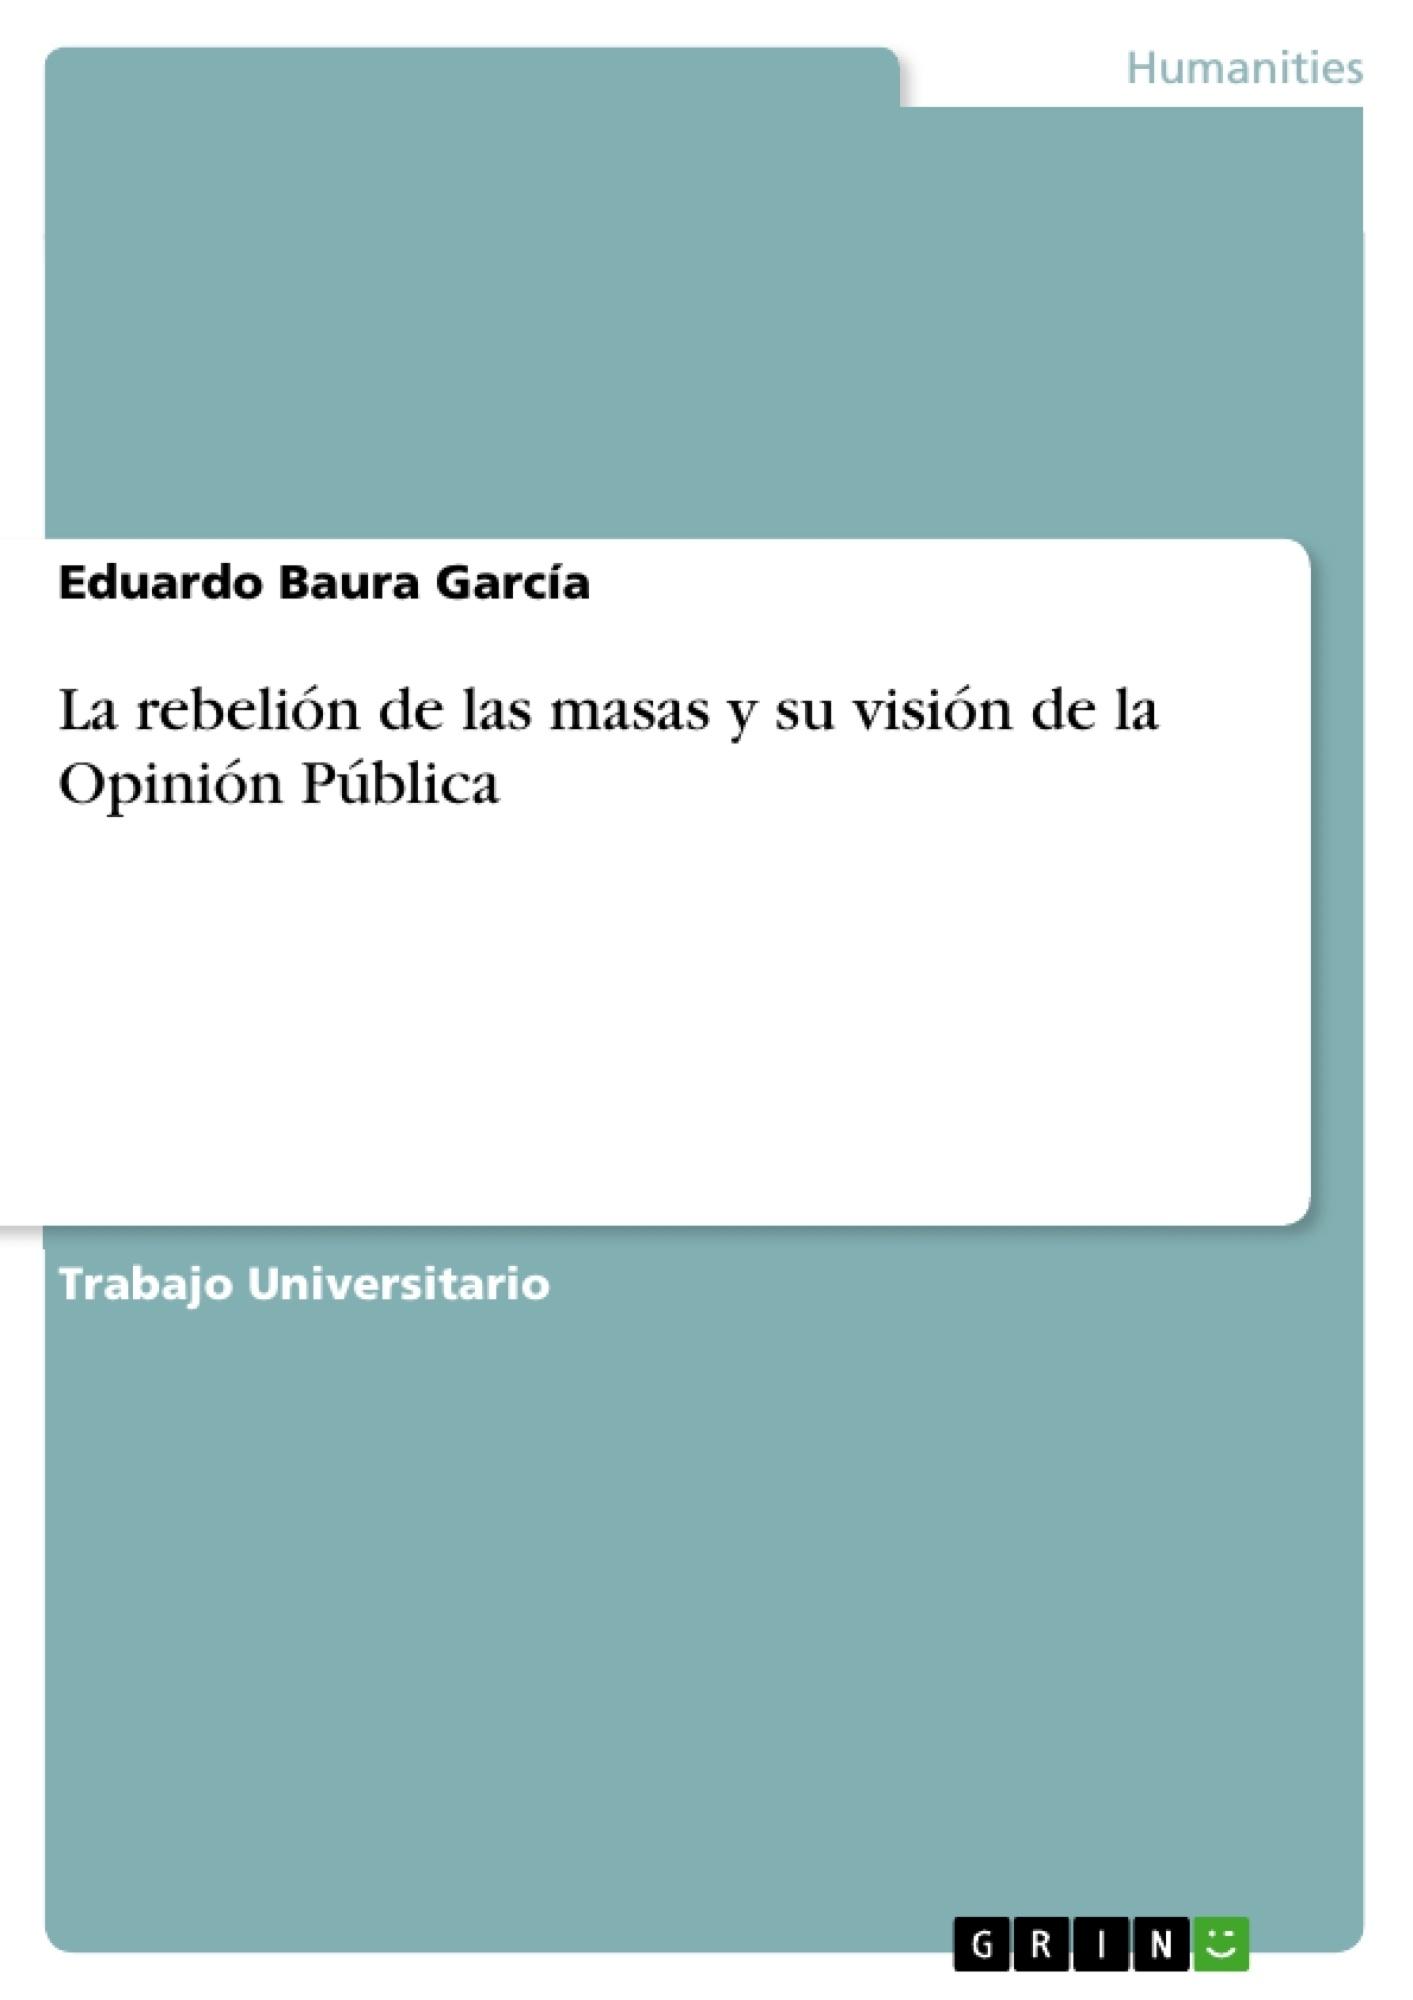 Título: La rebelión de las masas y su visión de la Opinión Pública